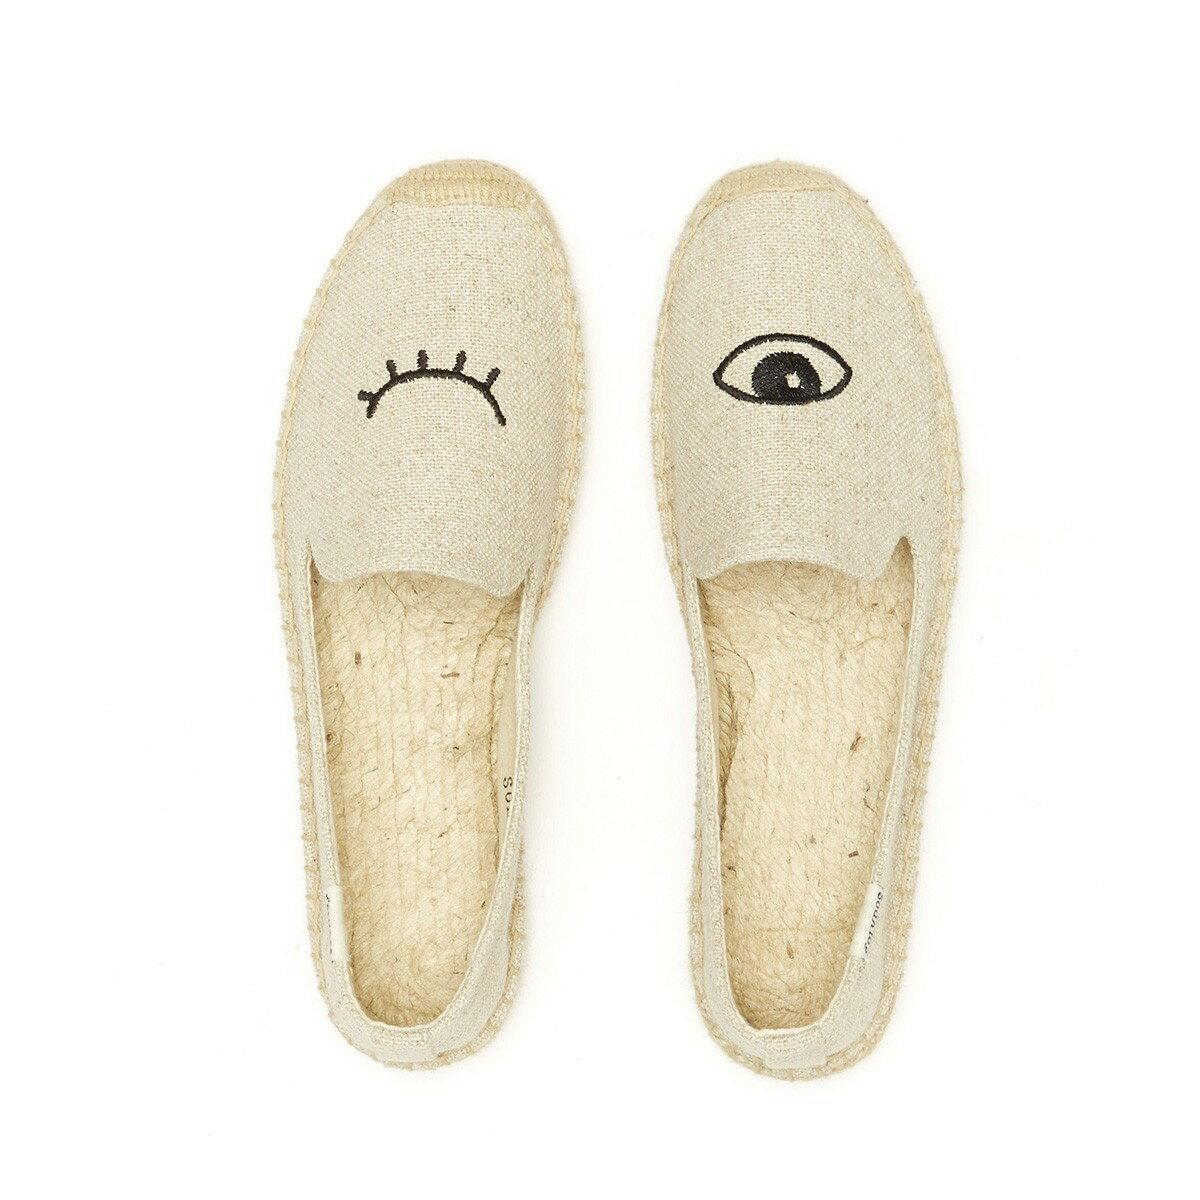 【Soludos】美國經典草編鞋-塗鴉系列草編鞋-米色眨眼 2